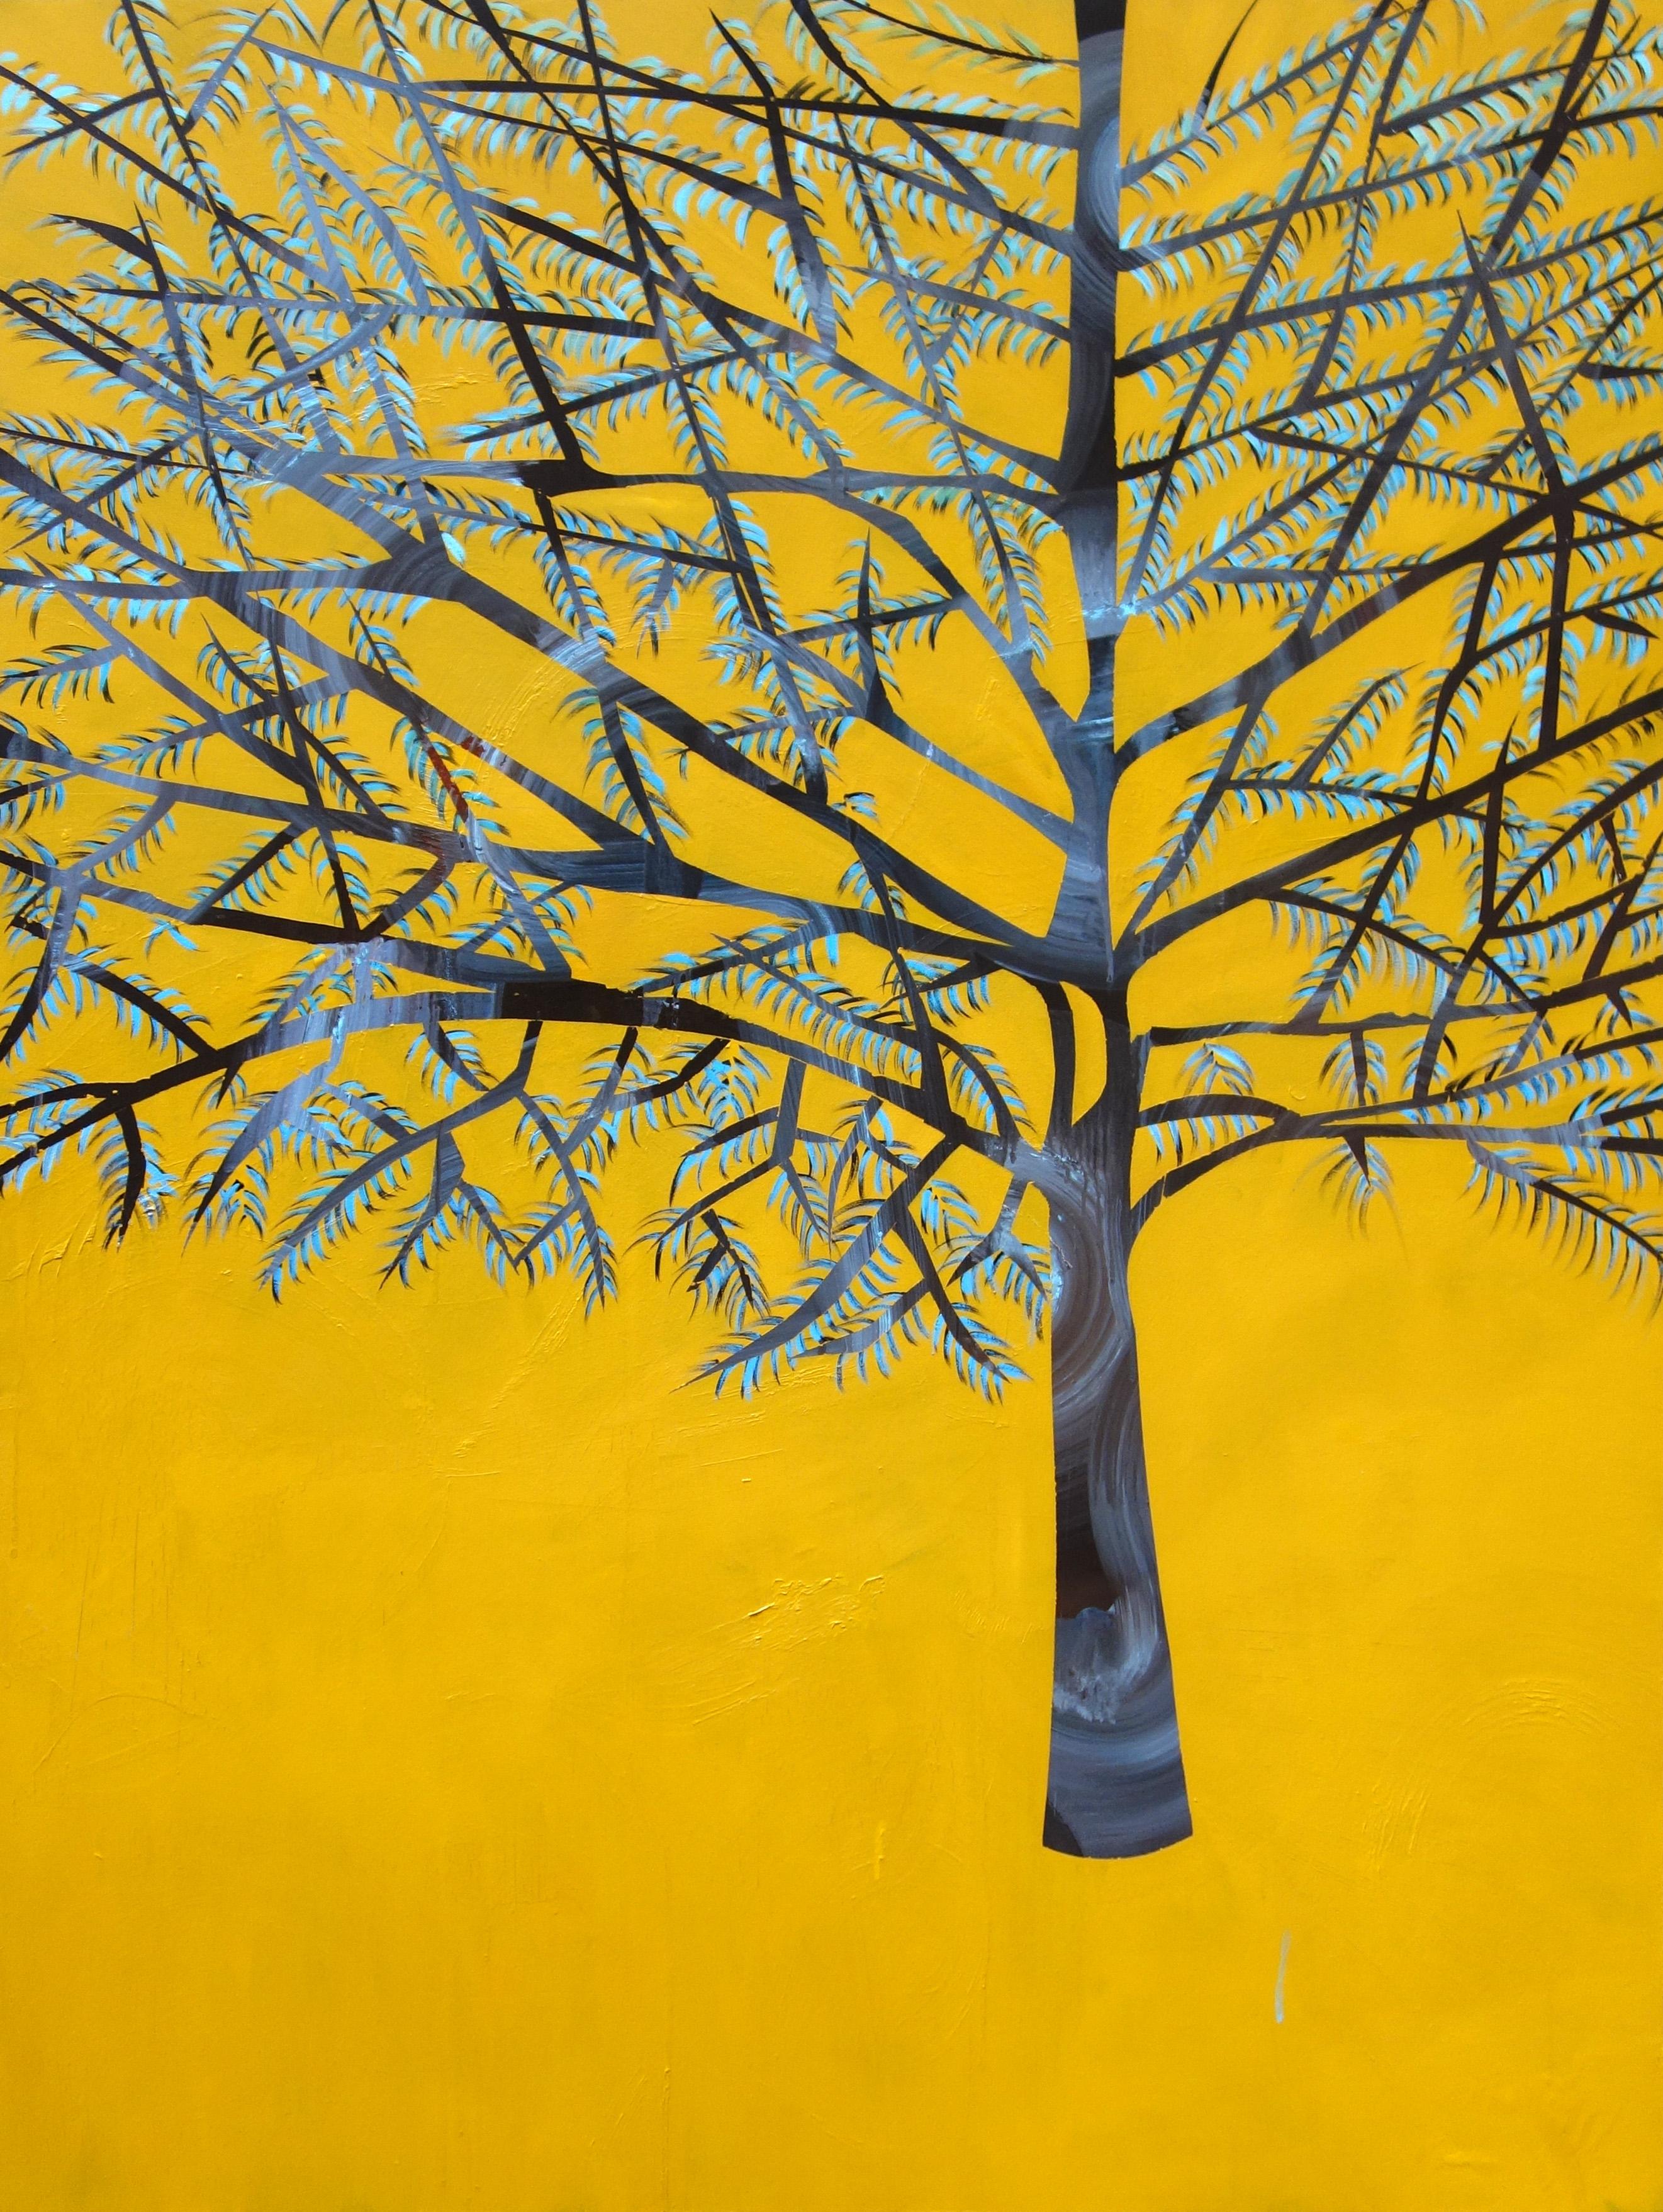 Laura Garcia-Karras, Sans Titre (yellow tree), 2017, Huile sur toile, 162 x 97 cm, Courtesy de l'art